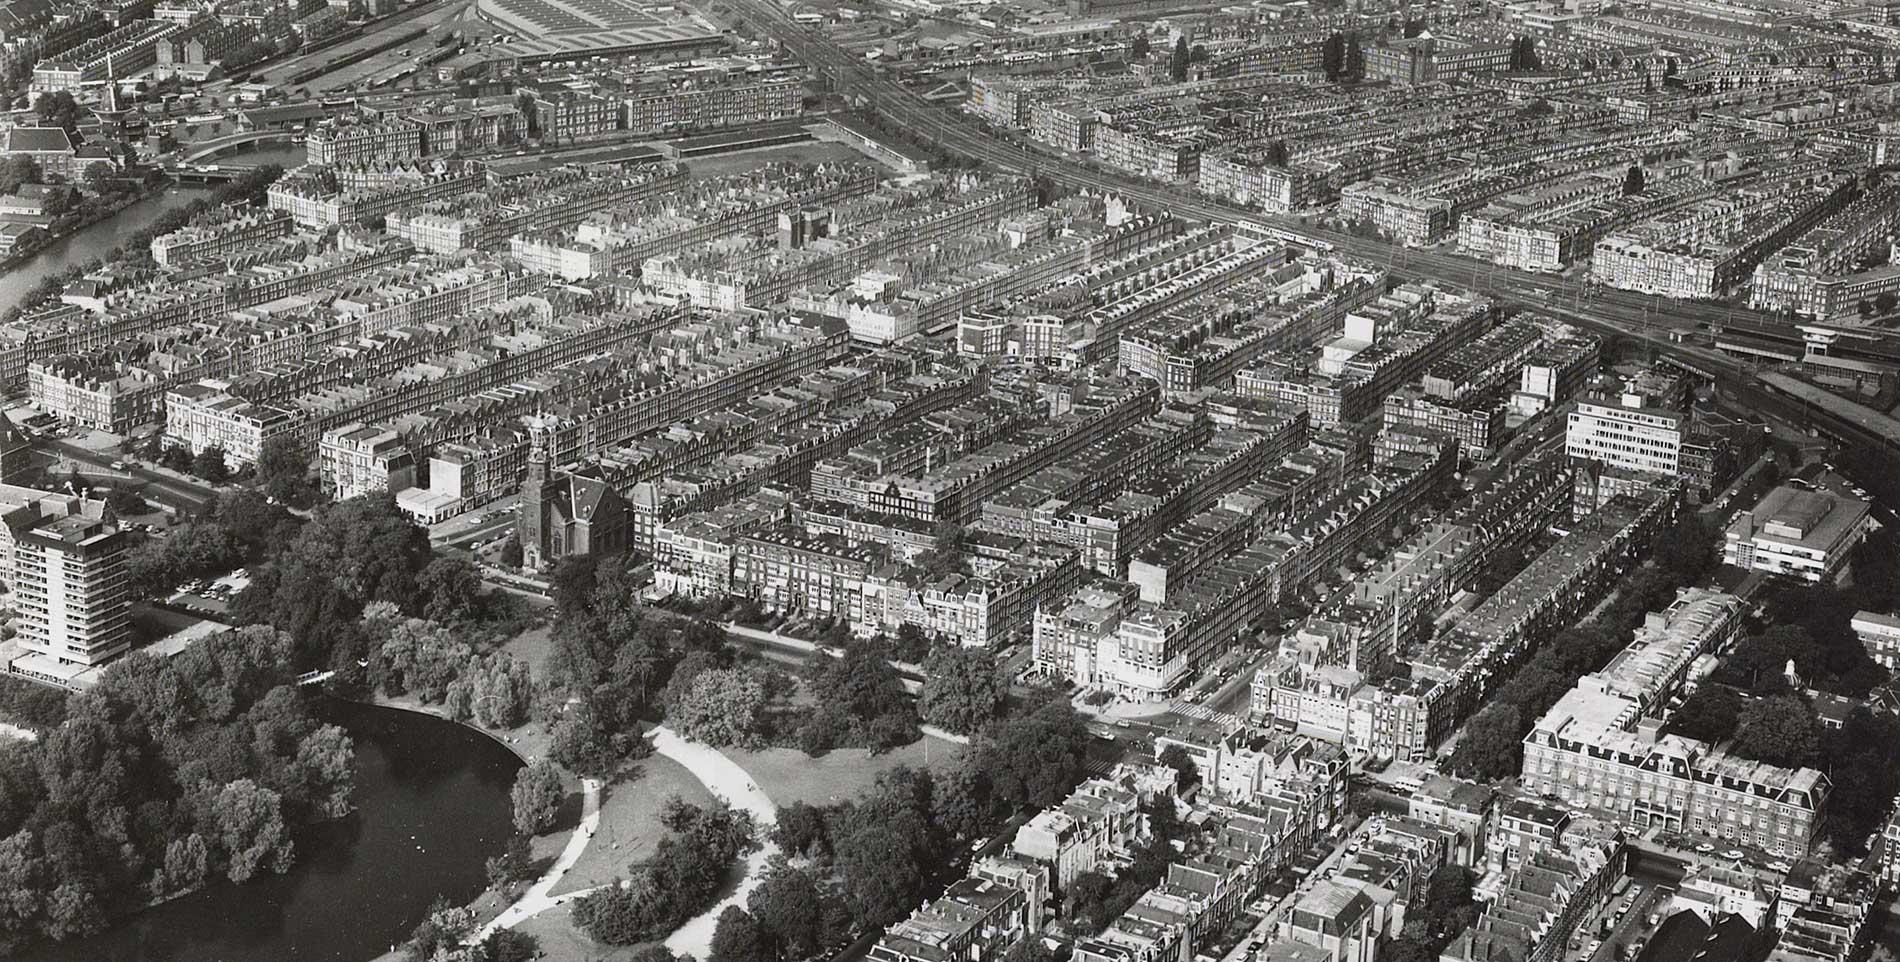 Luchtfoto Dapperbuurt gezien in oostelijke richting met links nog net het Tropenhotel zichtbaar